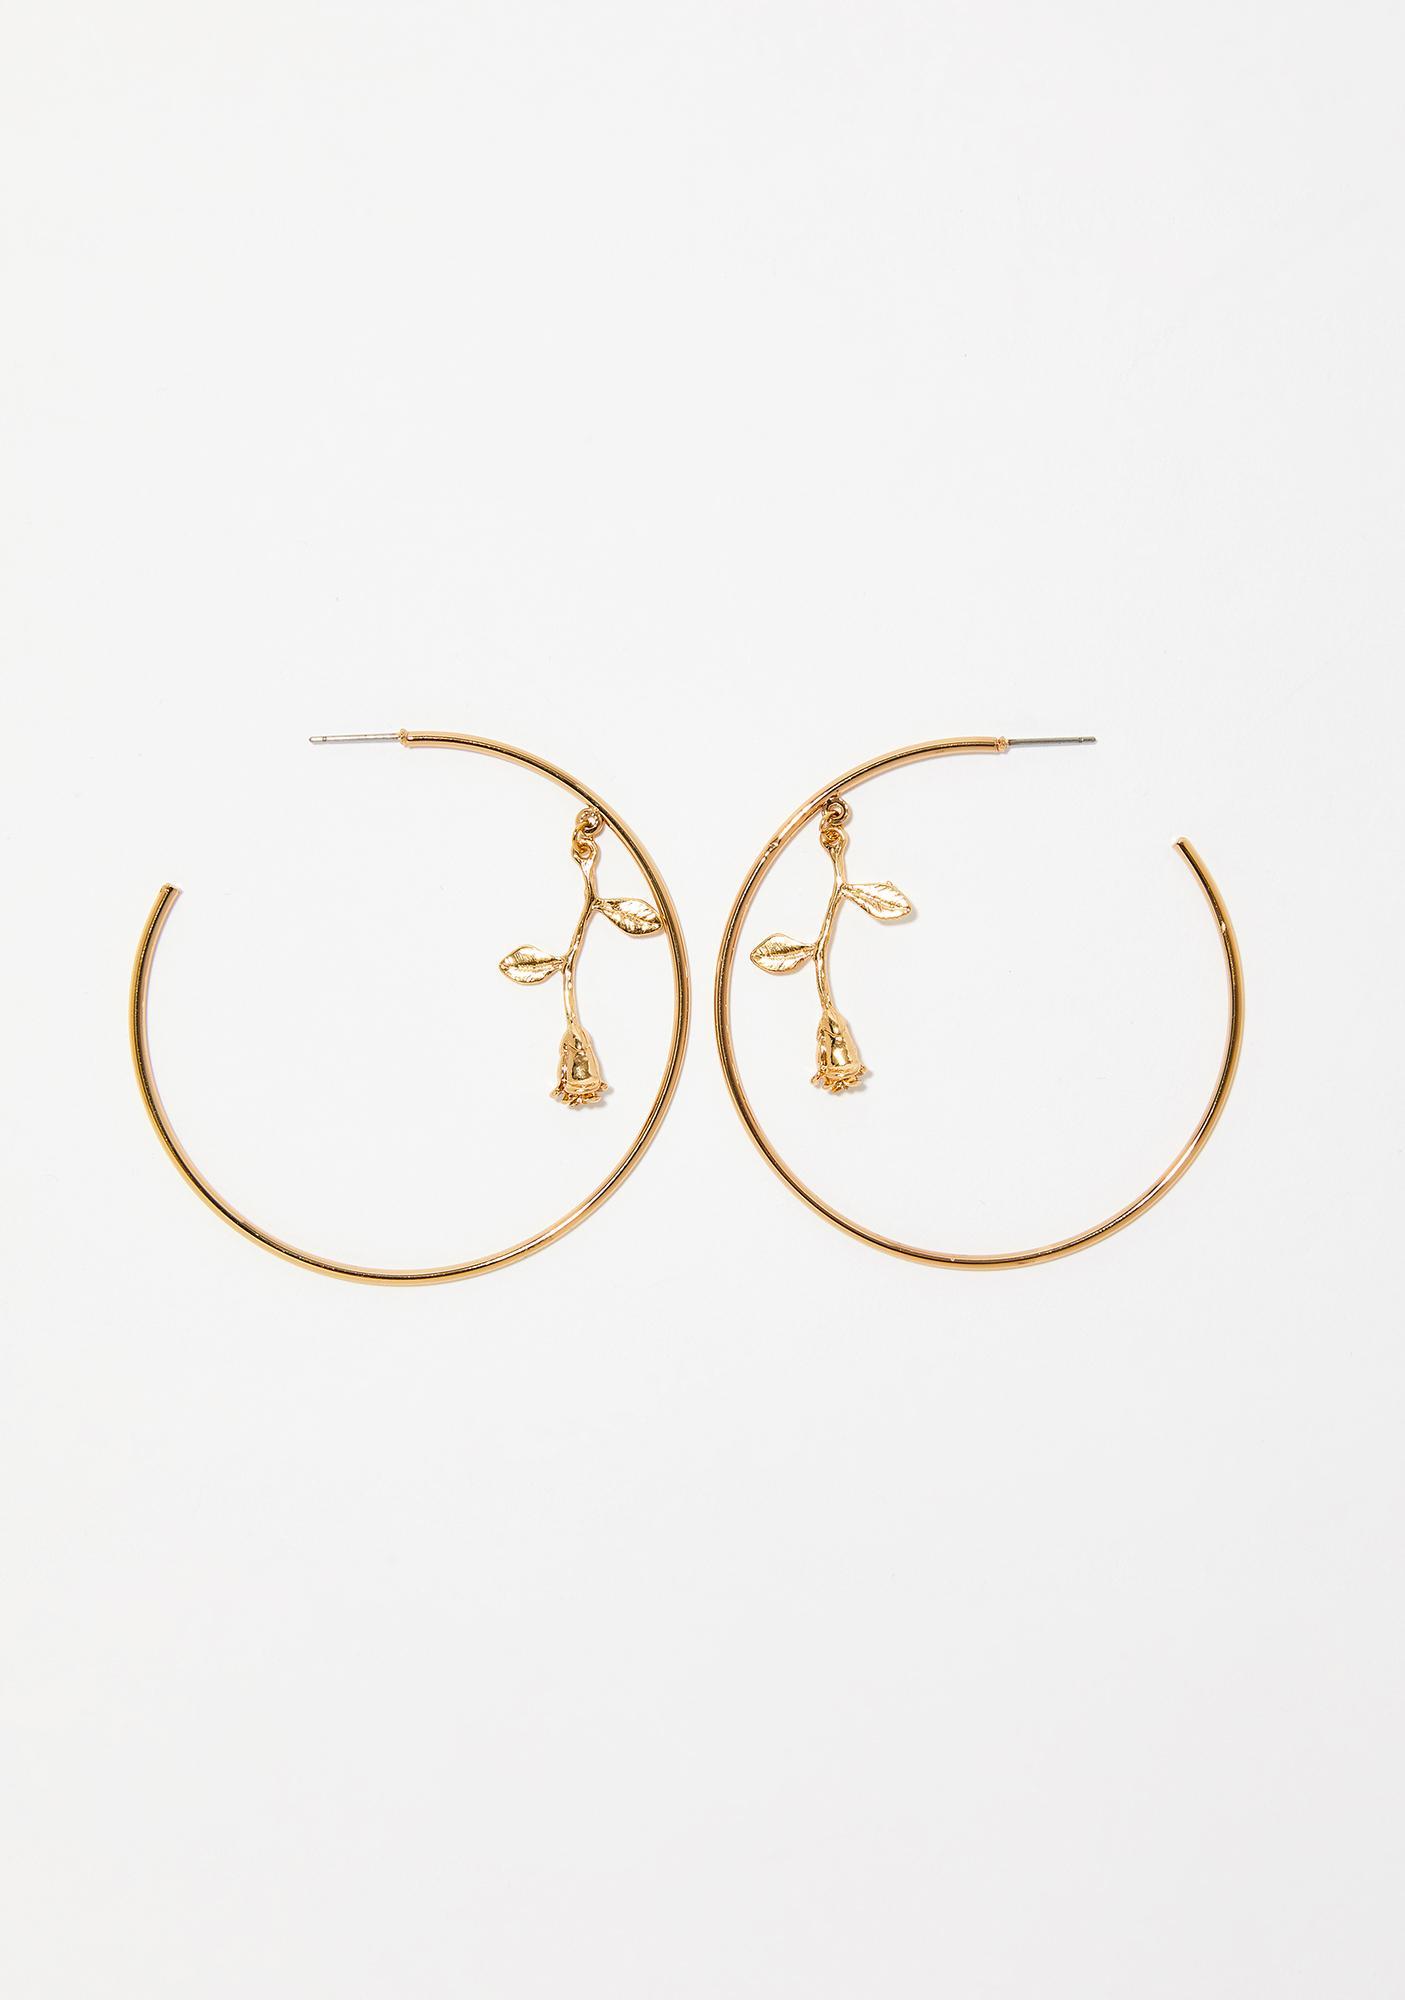 Thorny Rose Hoop Earrings